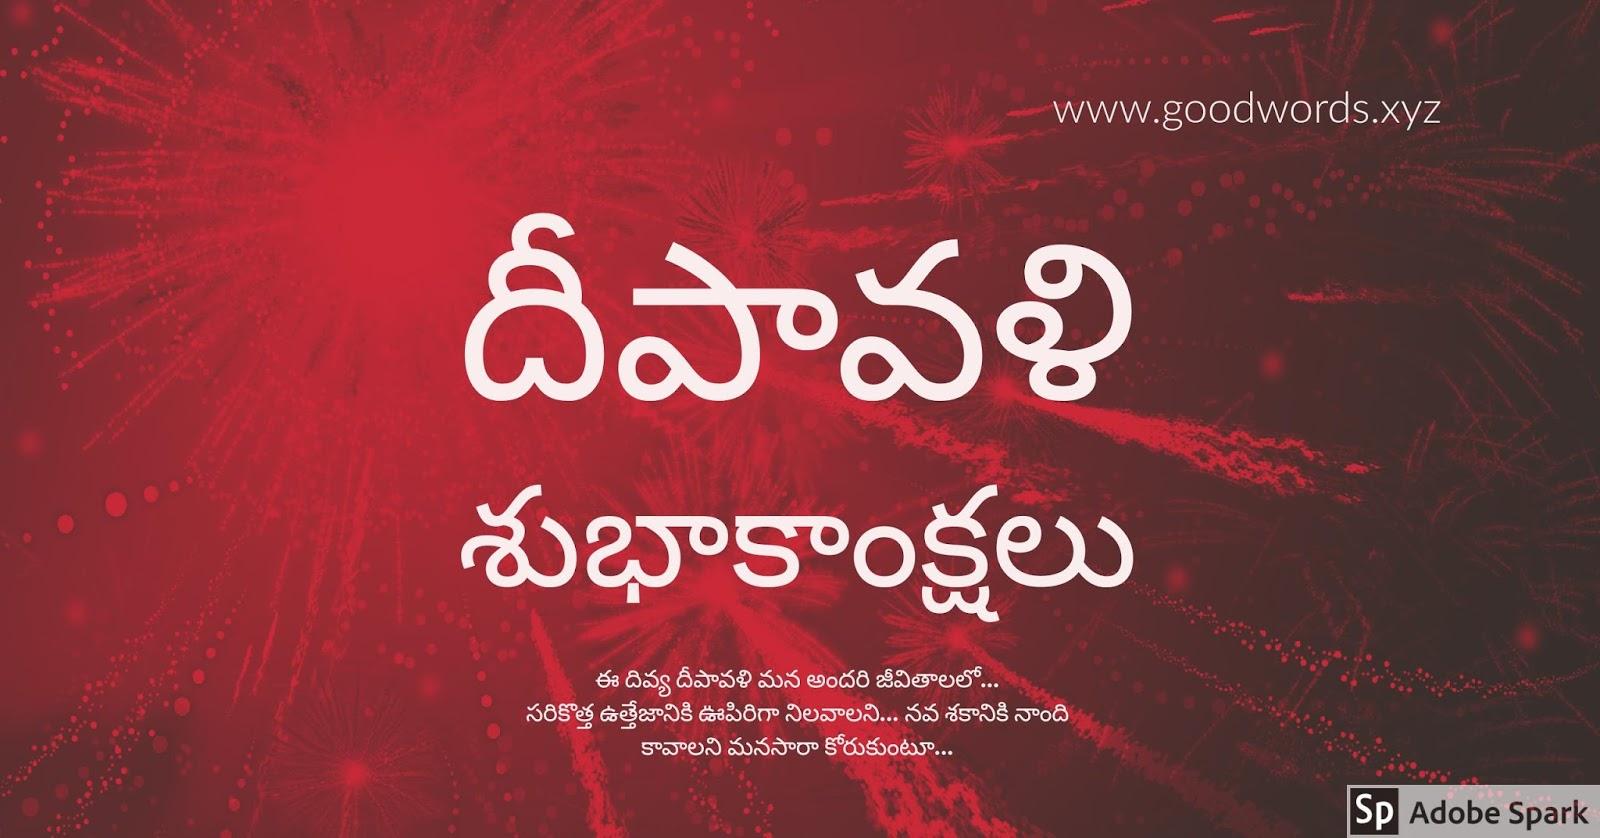 Fb profile pic deepavali telugu message good words fb profile pic deepavali telugu message m4hsunfo